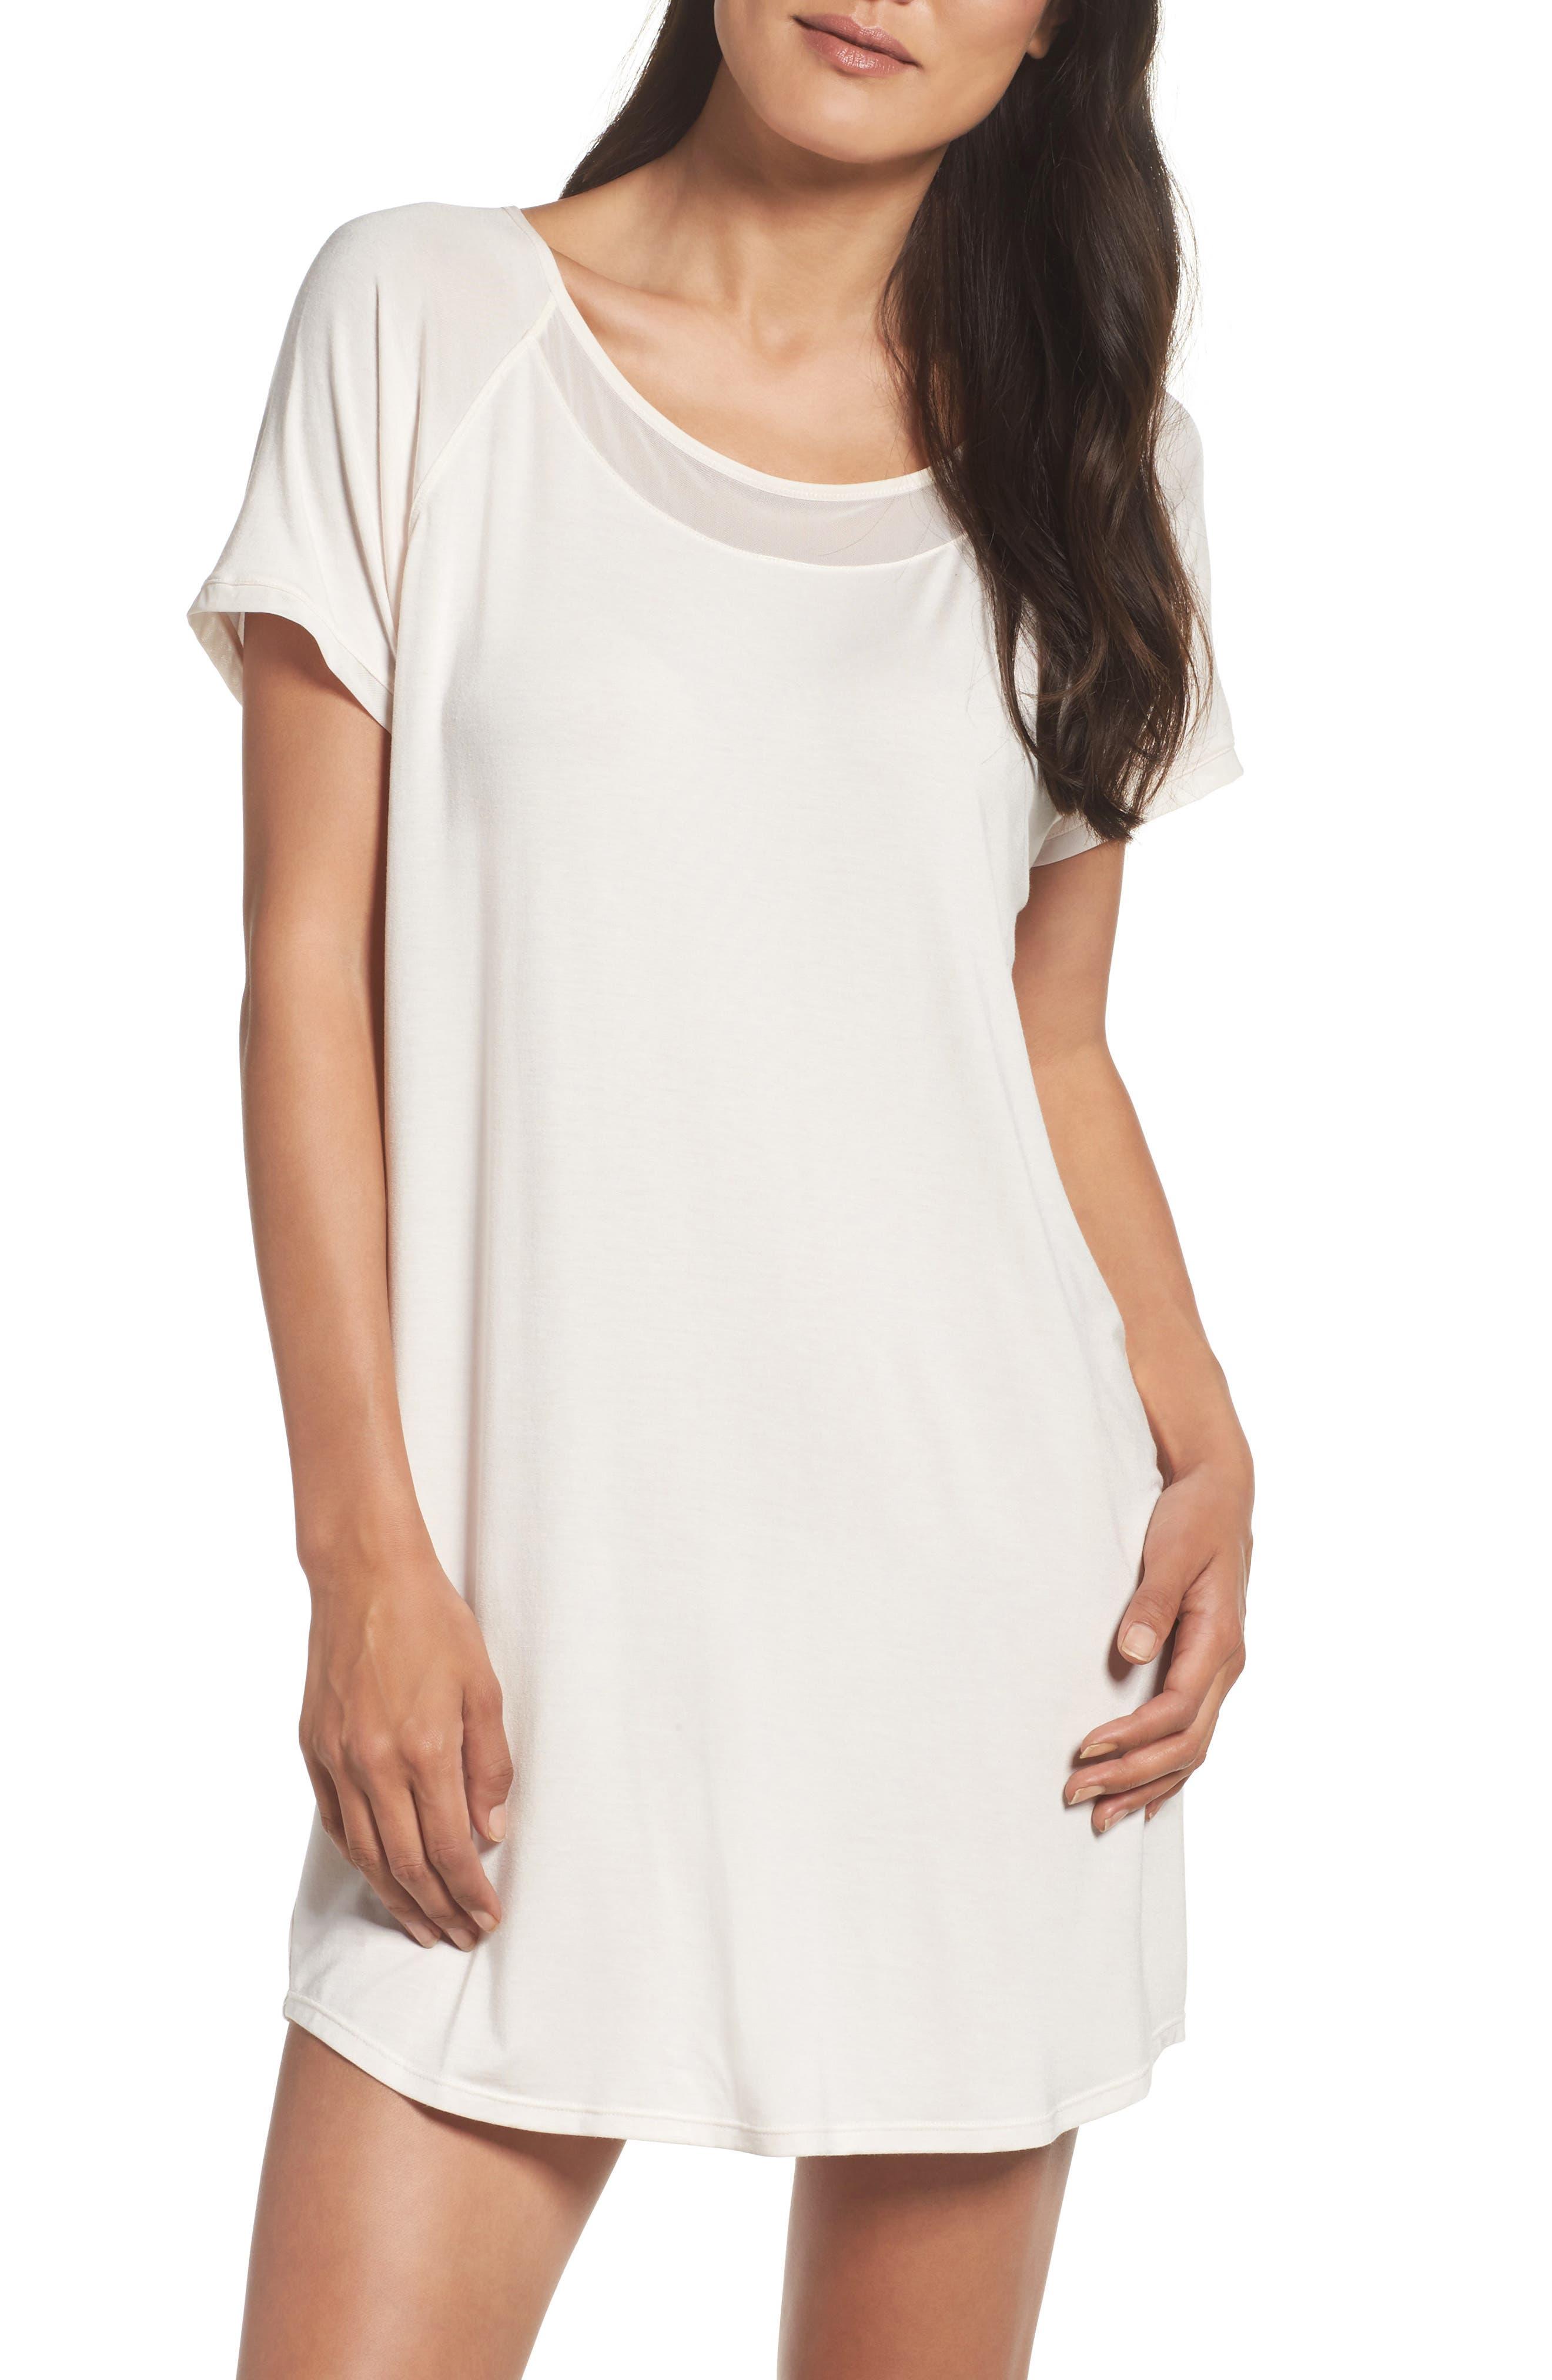 Alternate Image 1 Selected - Naked Sleep Shirt